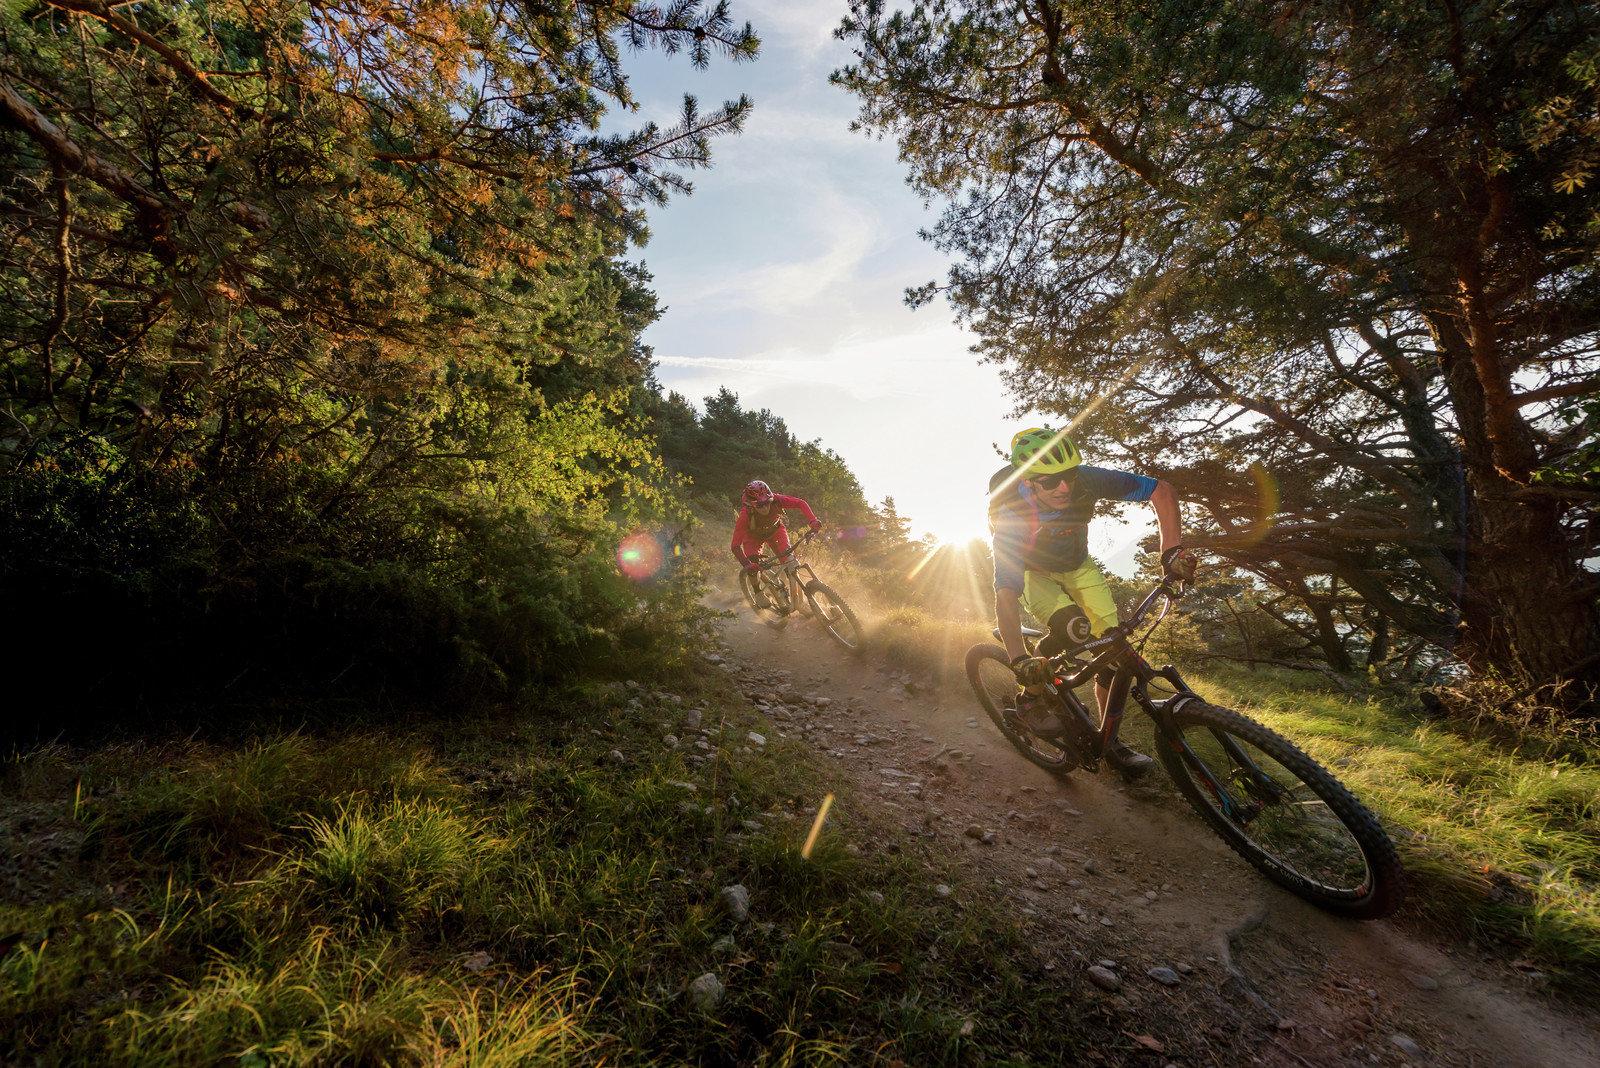 Mountainbike-Woche mit 3 geführten Touren